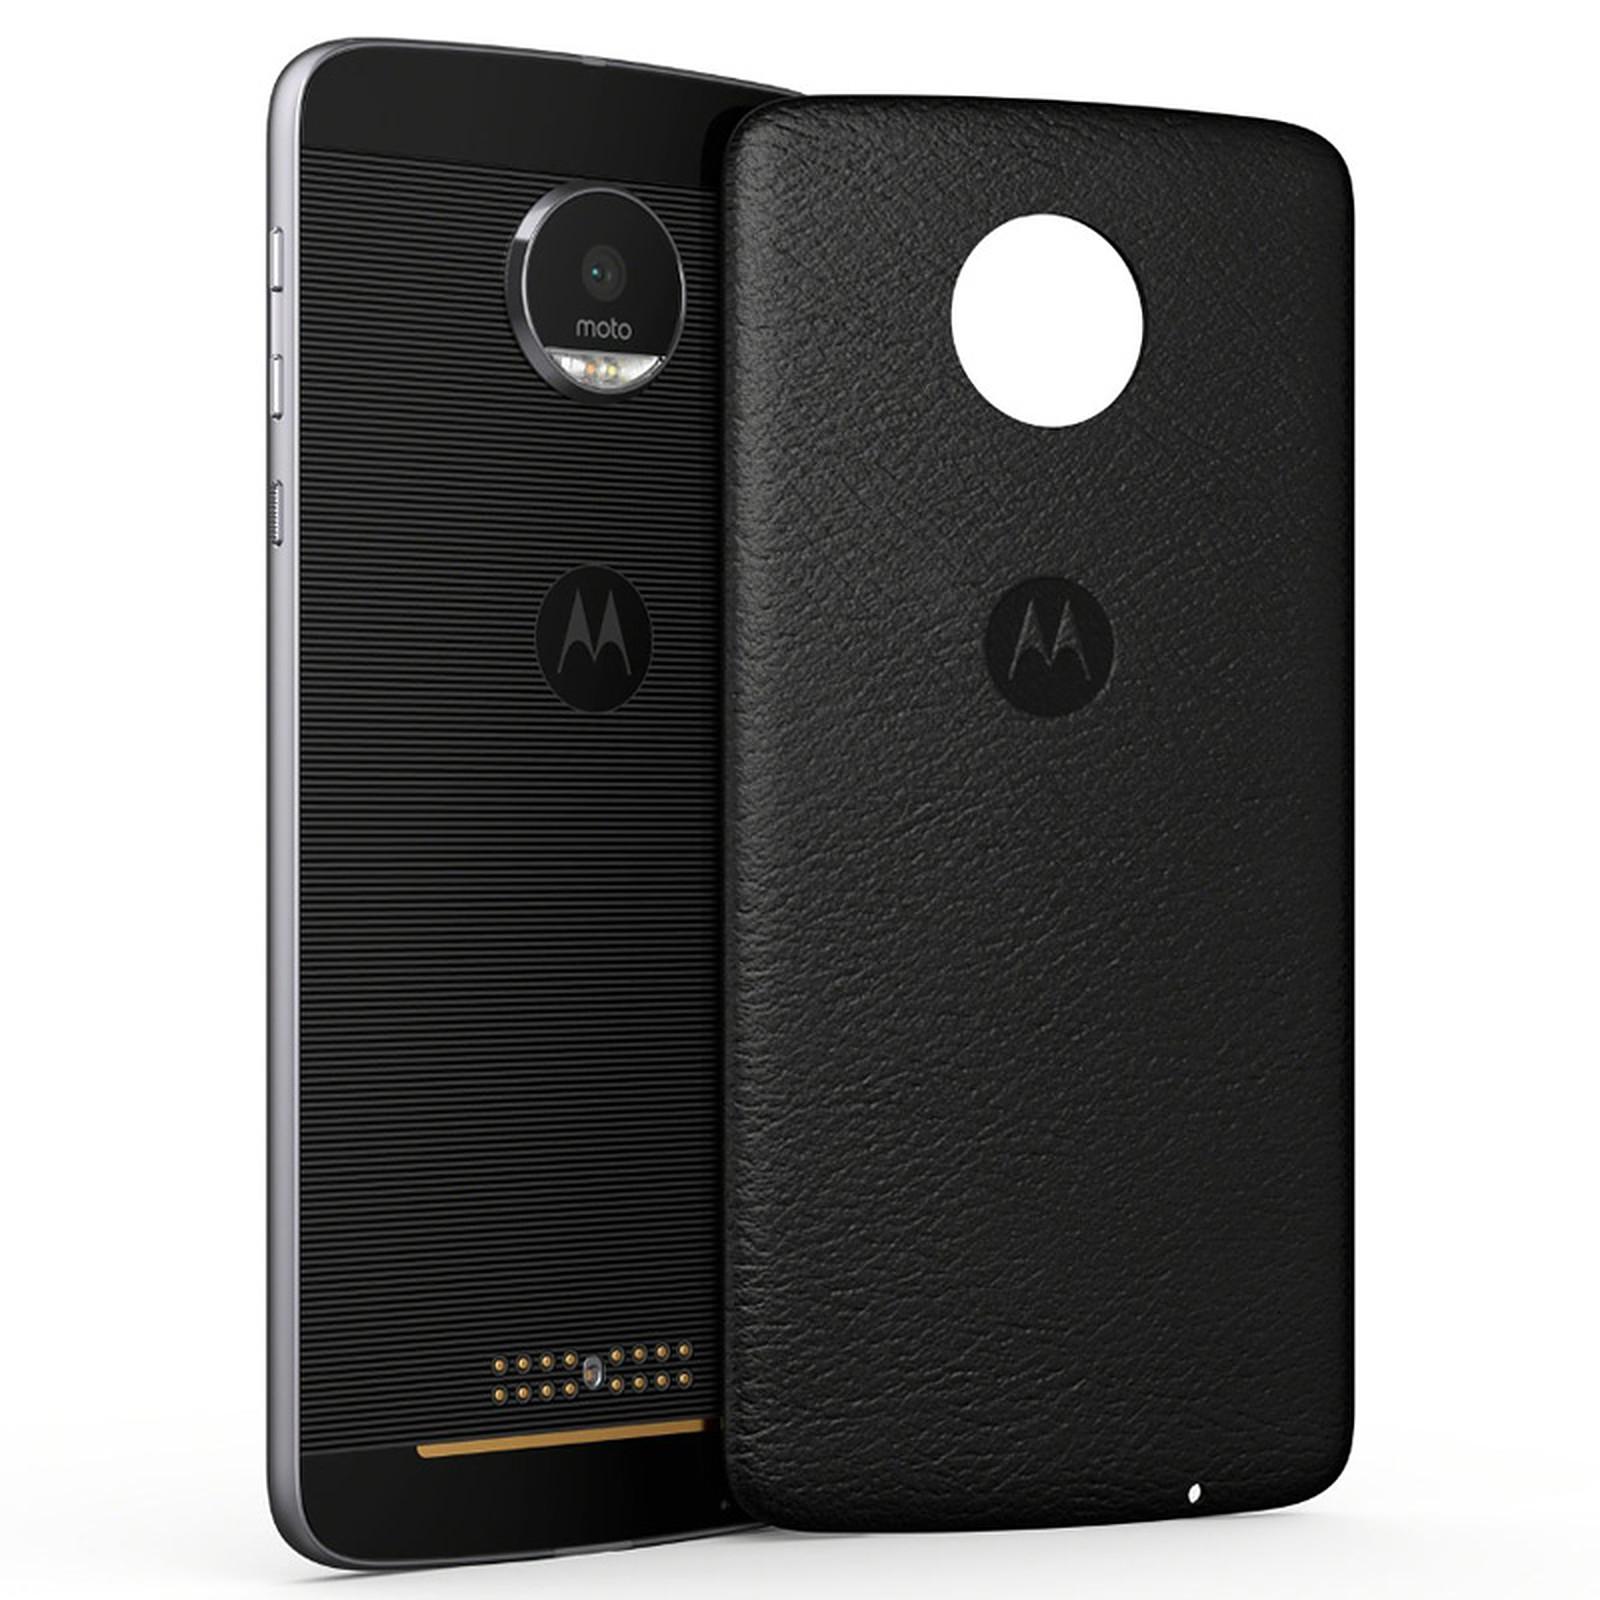 Motorola Mods Coque Cuir Noir Moto Z/Z Play v2